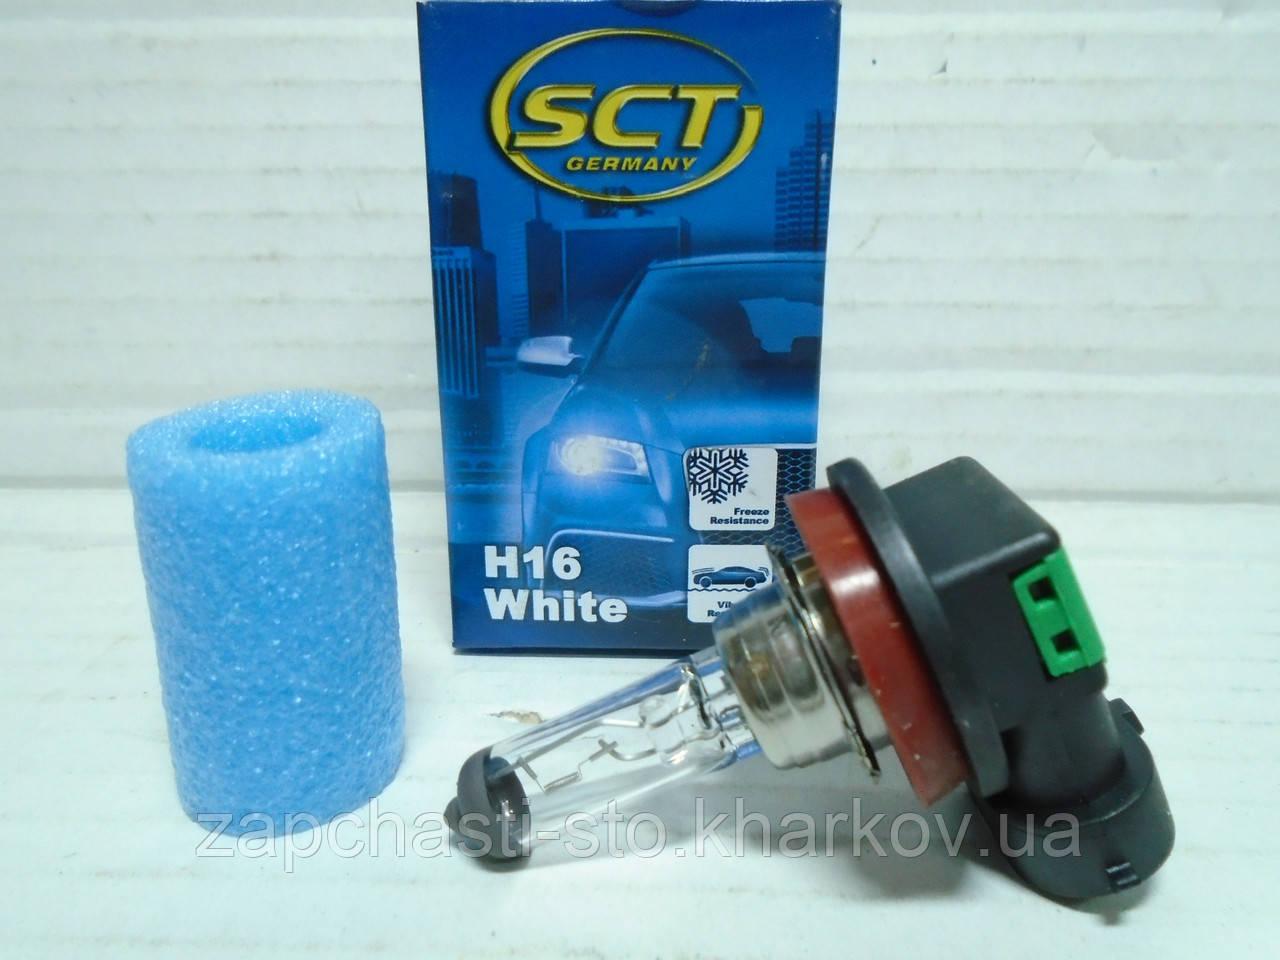 Лампа H16 12В 15Вт SCT